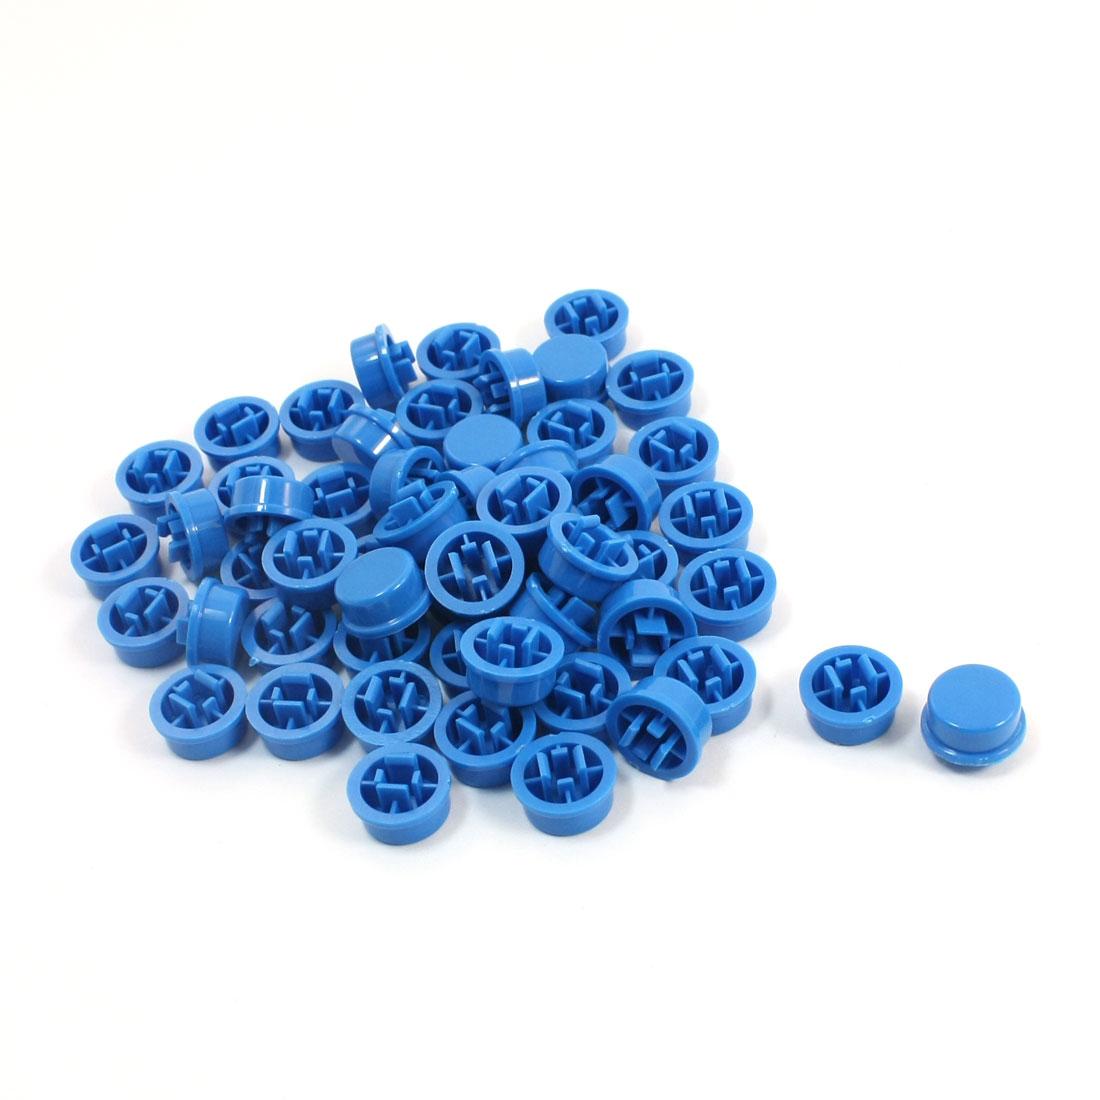 55Pcs 12x12x7.3mm Tactile Push Button Switch Blue Plastic Round Cap